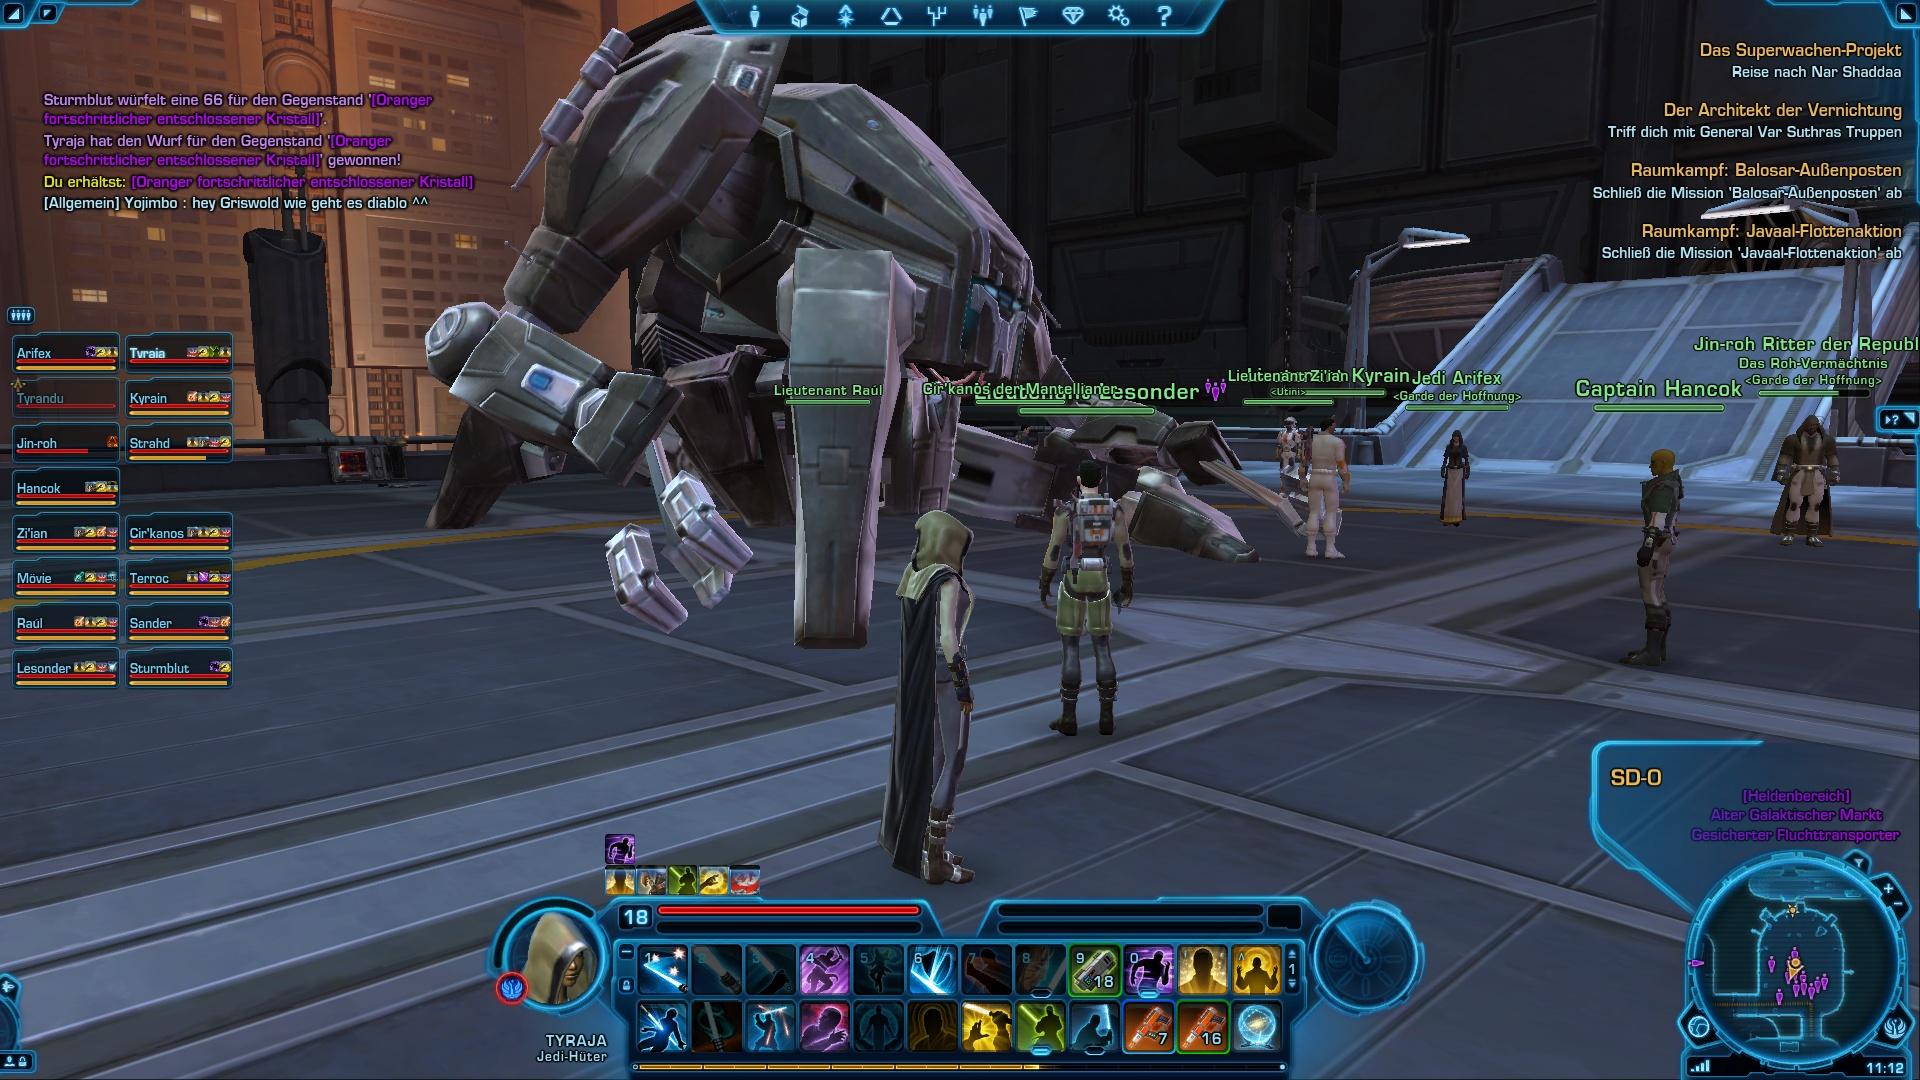 screenshot_2011-12-259ob5j.jpg